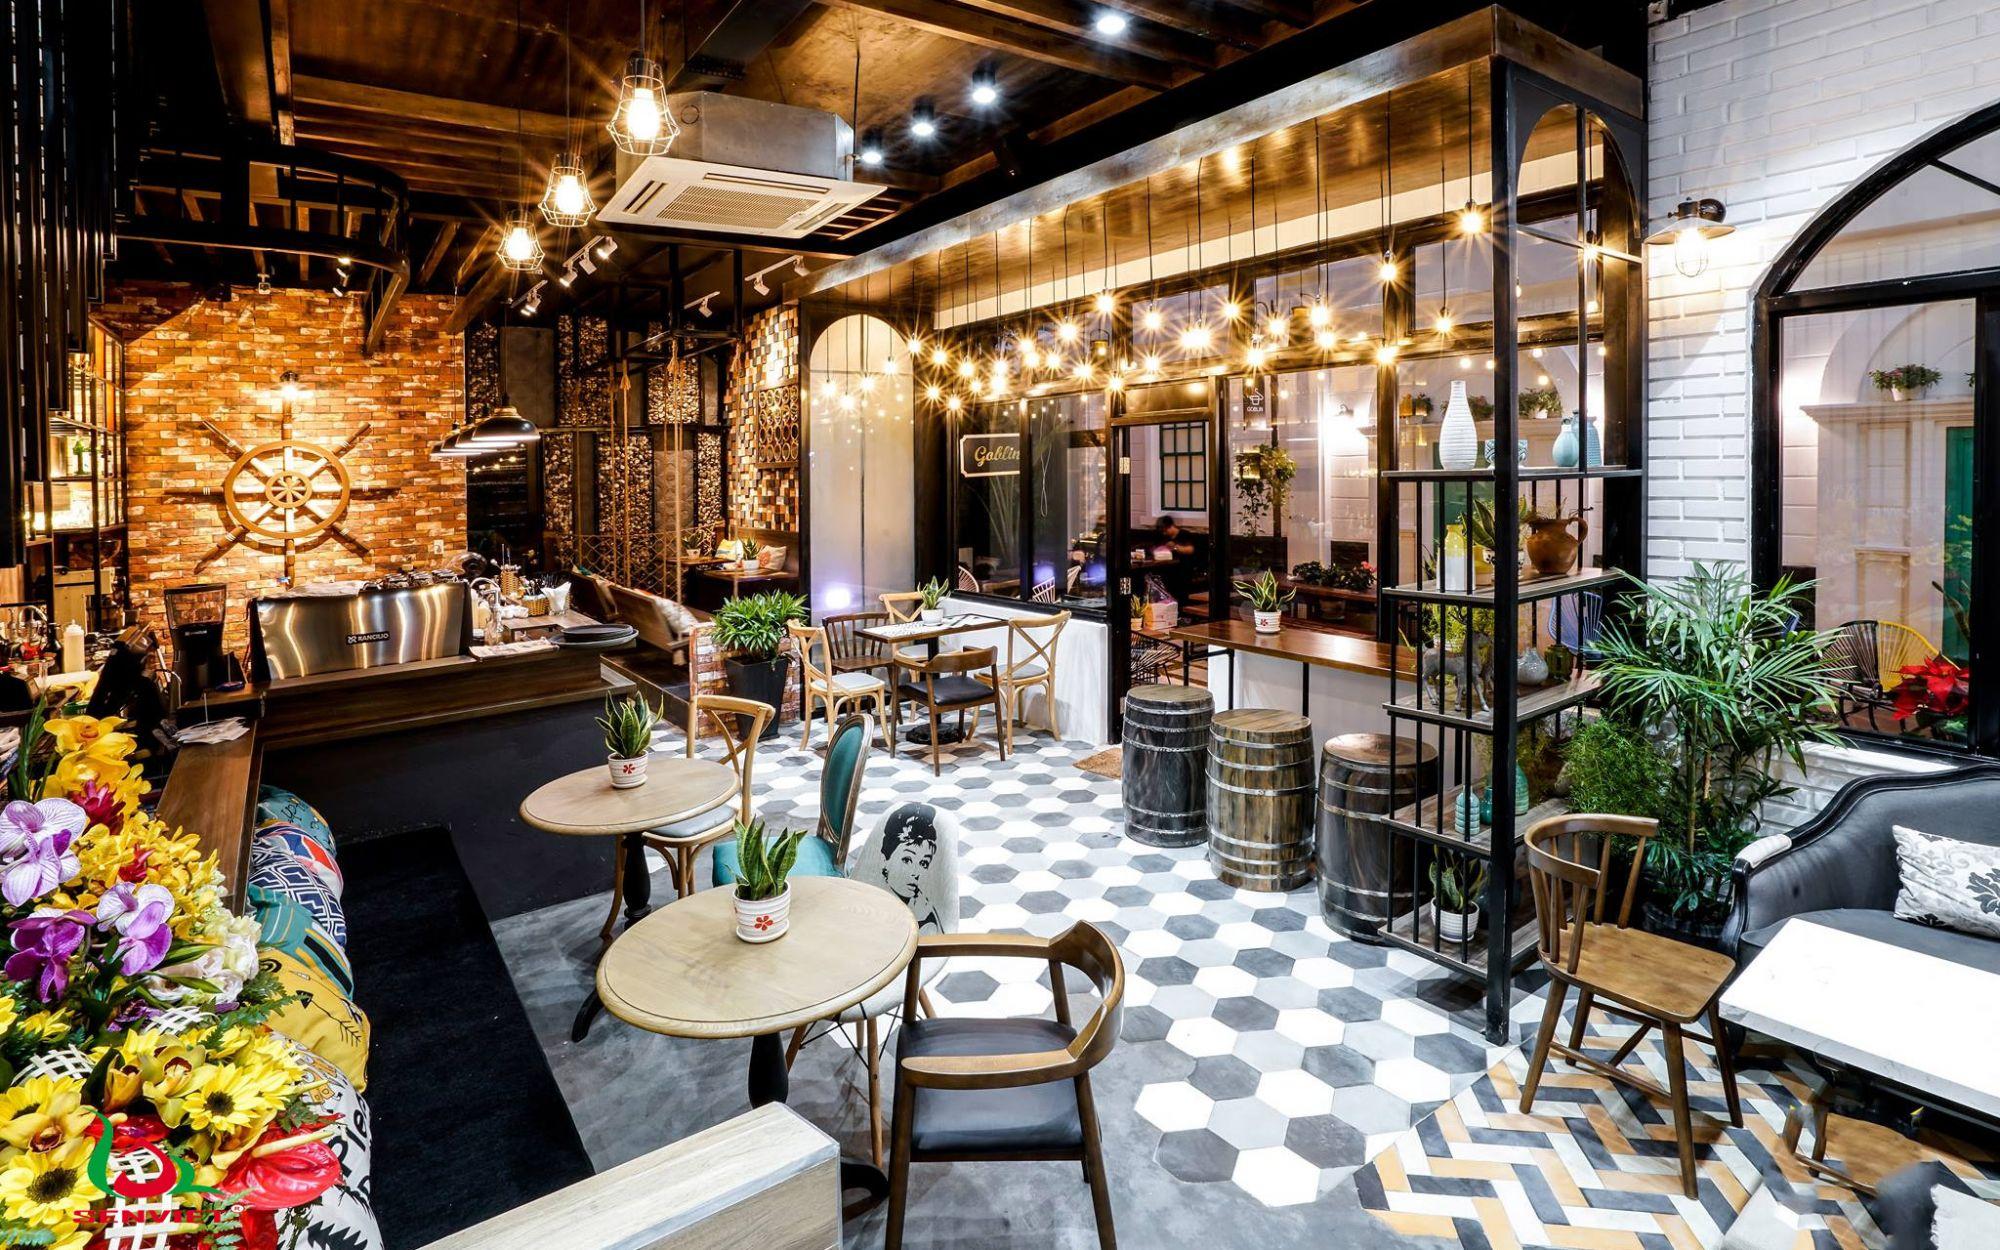 dieu-hoa-cho-quan-cafe4.jpg